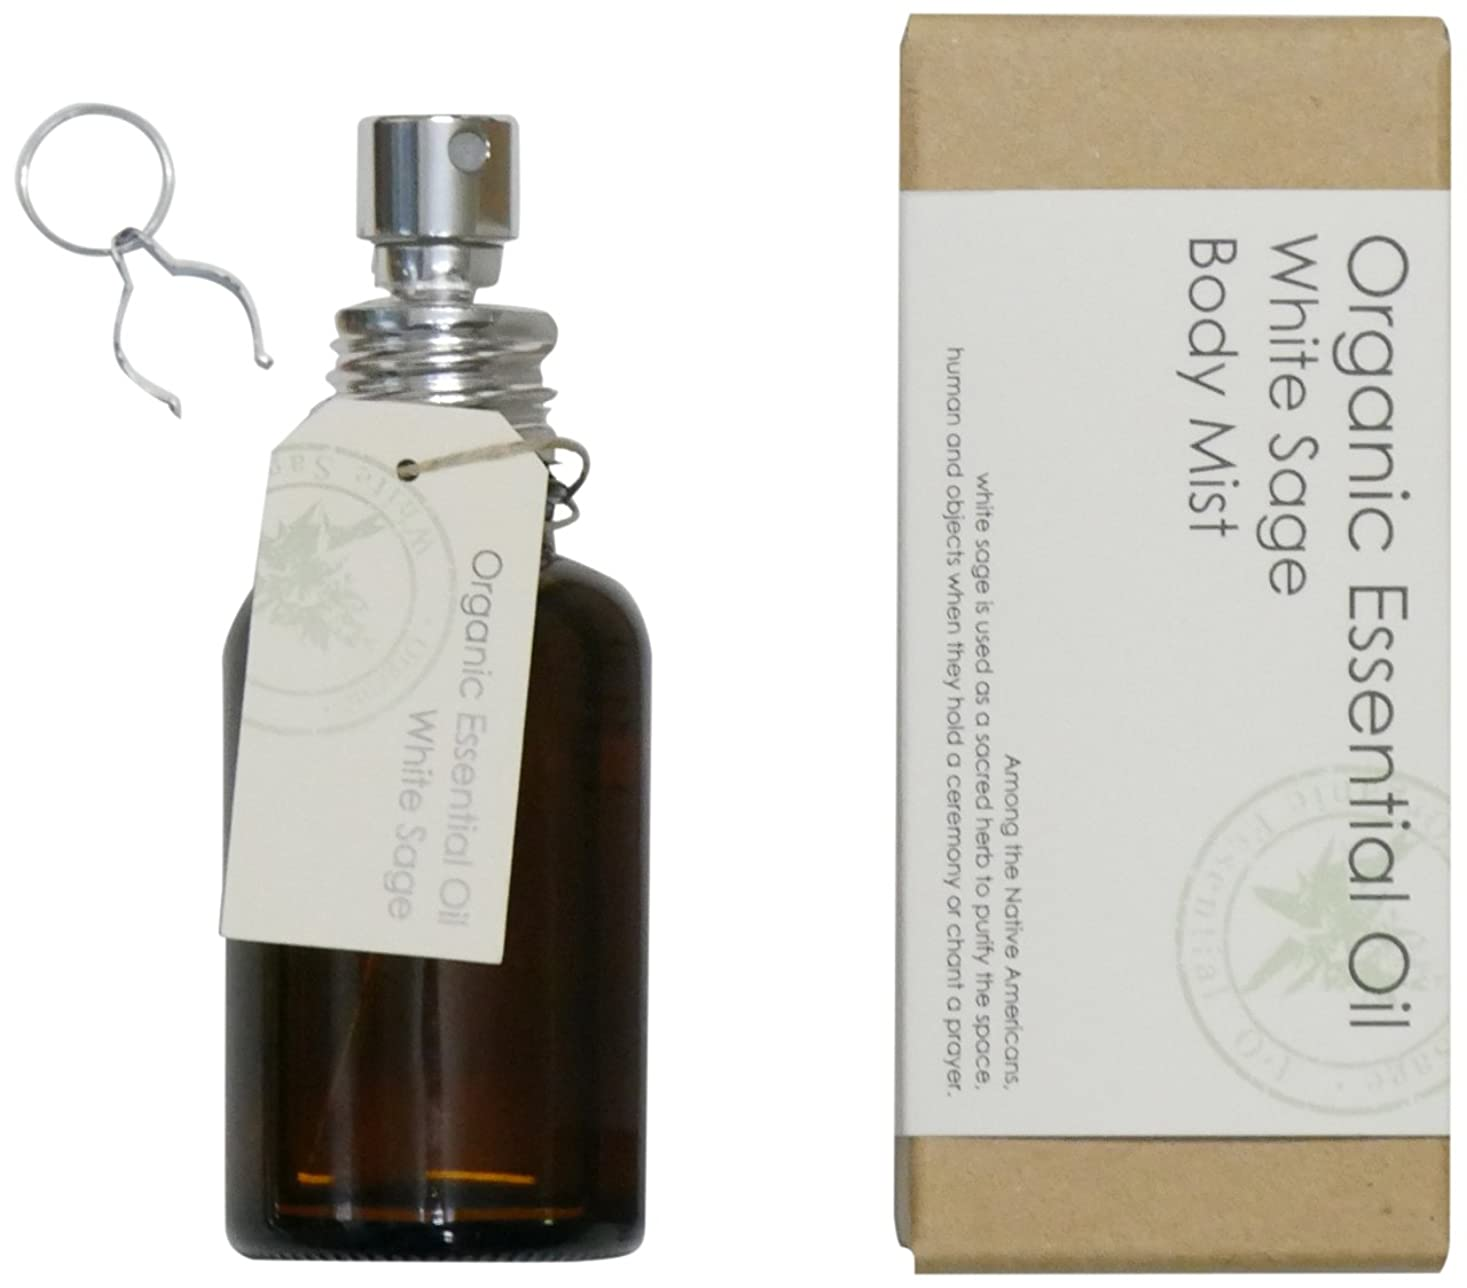 つかむライブ交渉するアロマレコルト ボディミスト ホワイトセージ 【White Sage】オーガニック エッセンシャルオイル organic essential oil natural body mist arome recolte